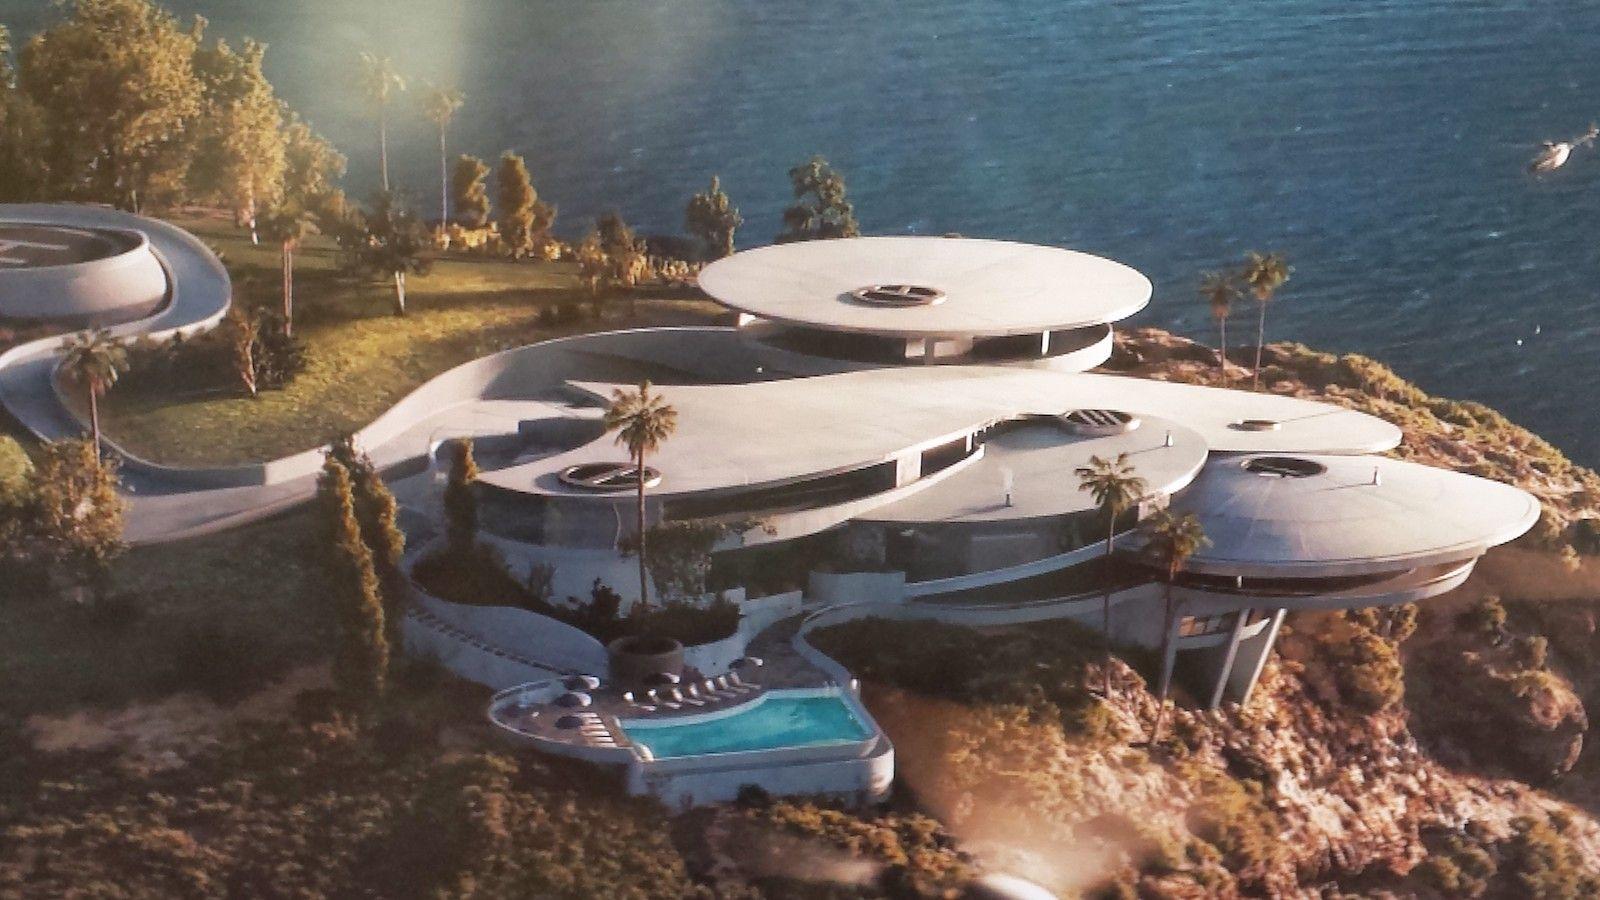 Een echt film-huis. Het bestaat niet echt, maar het Iron Man huis is wel geinspireerd op een bestaand huis. Dat huis staat niet in Malibu, zoals in de film, maar in La Jolla.